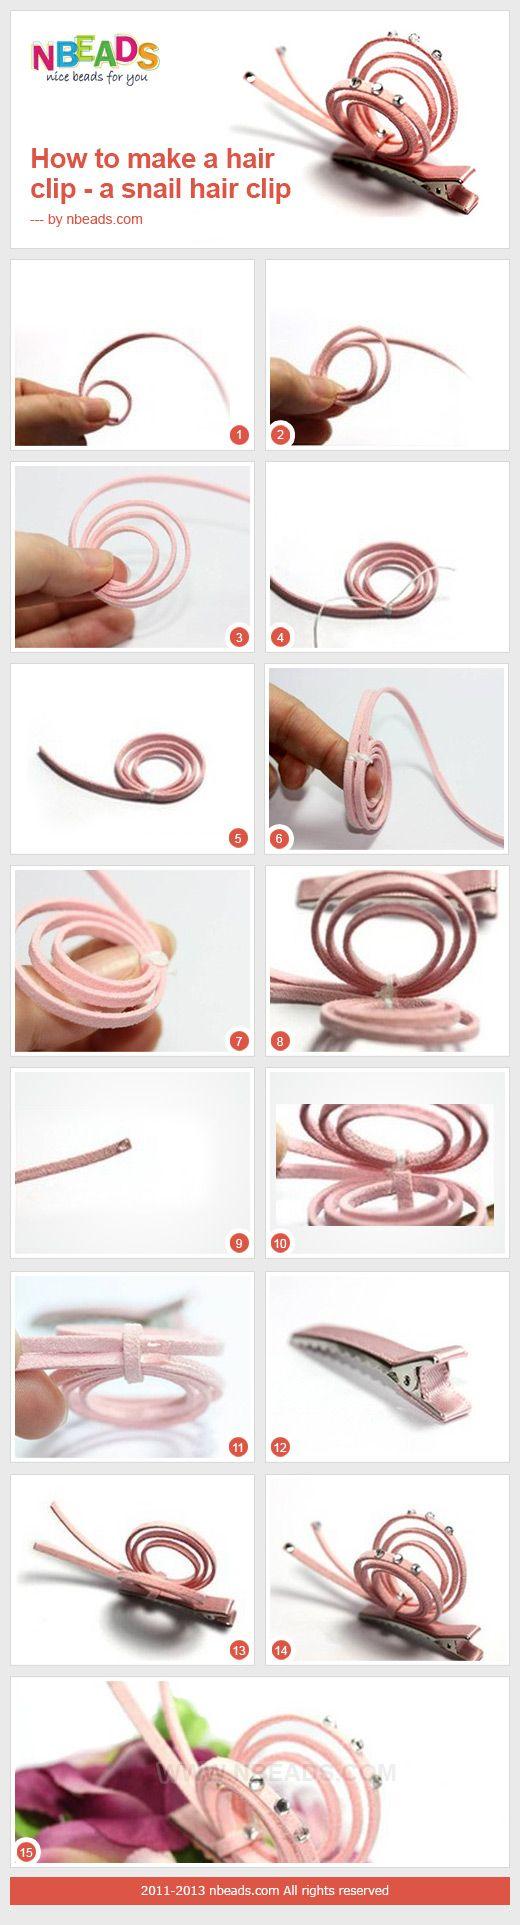 how to make a hair clip - a snail hair clip